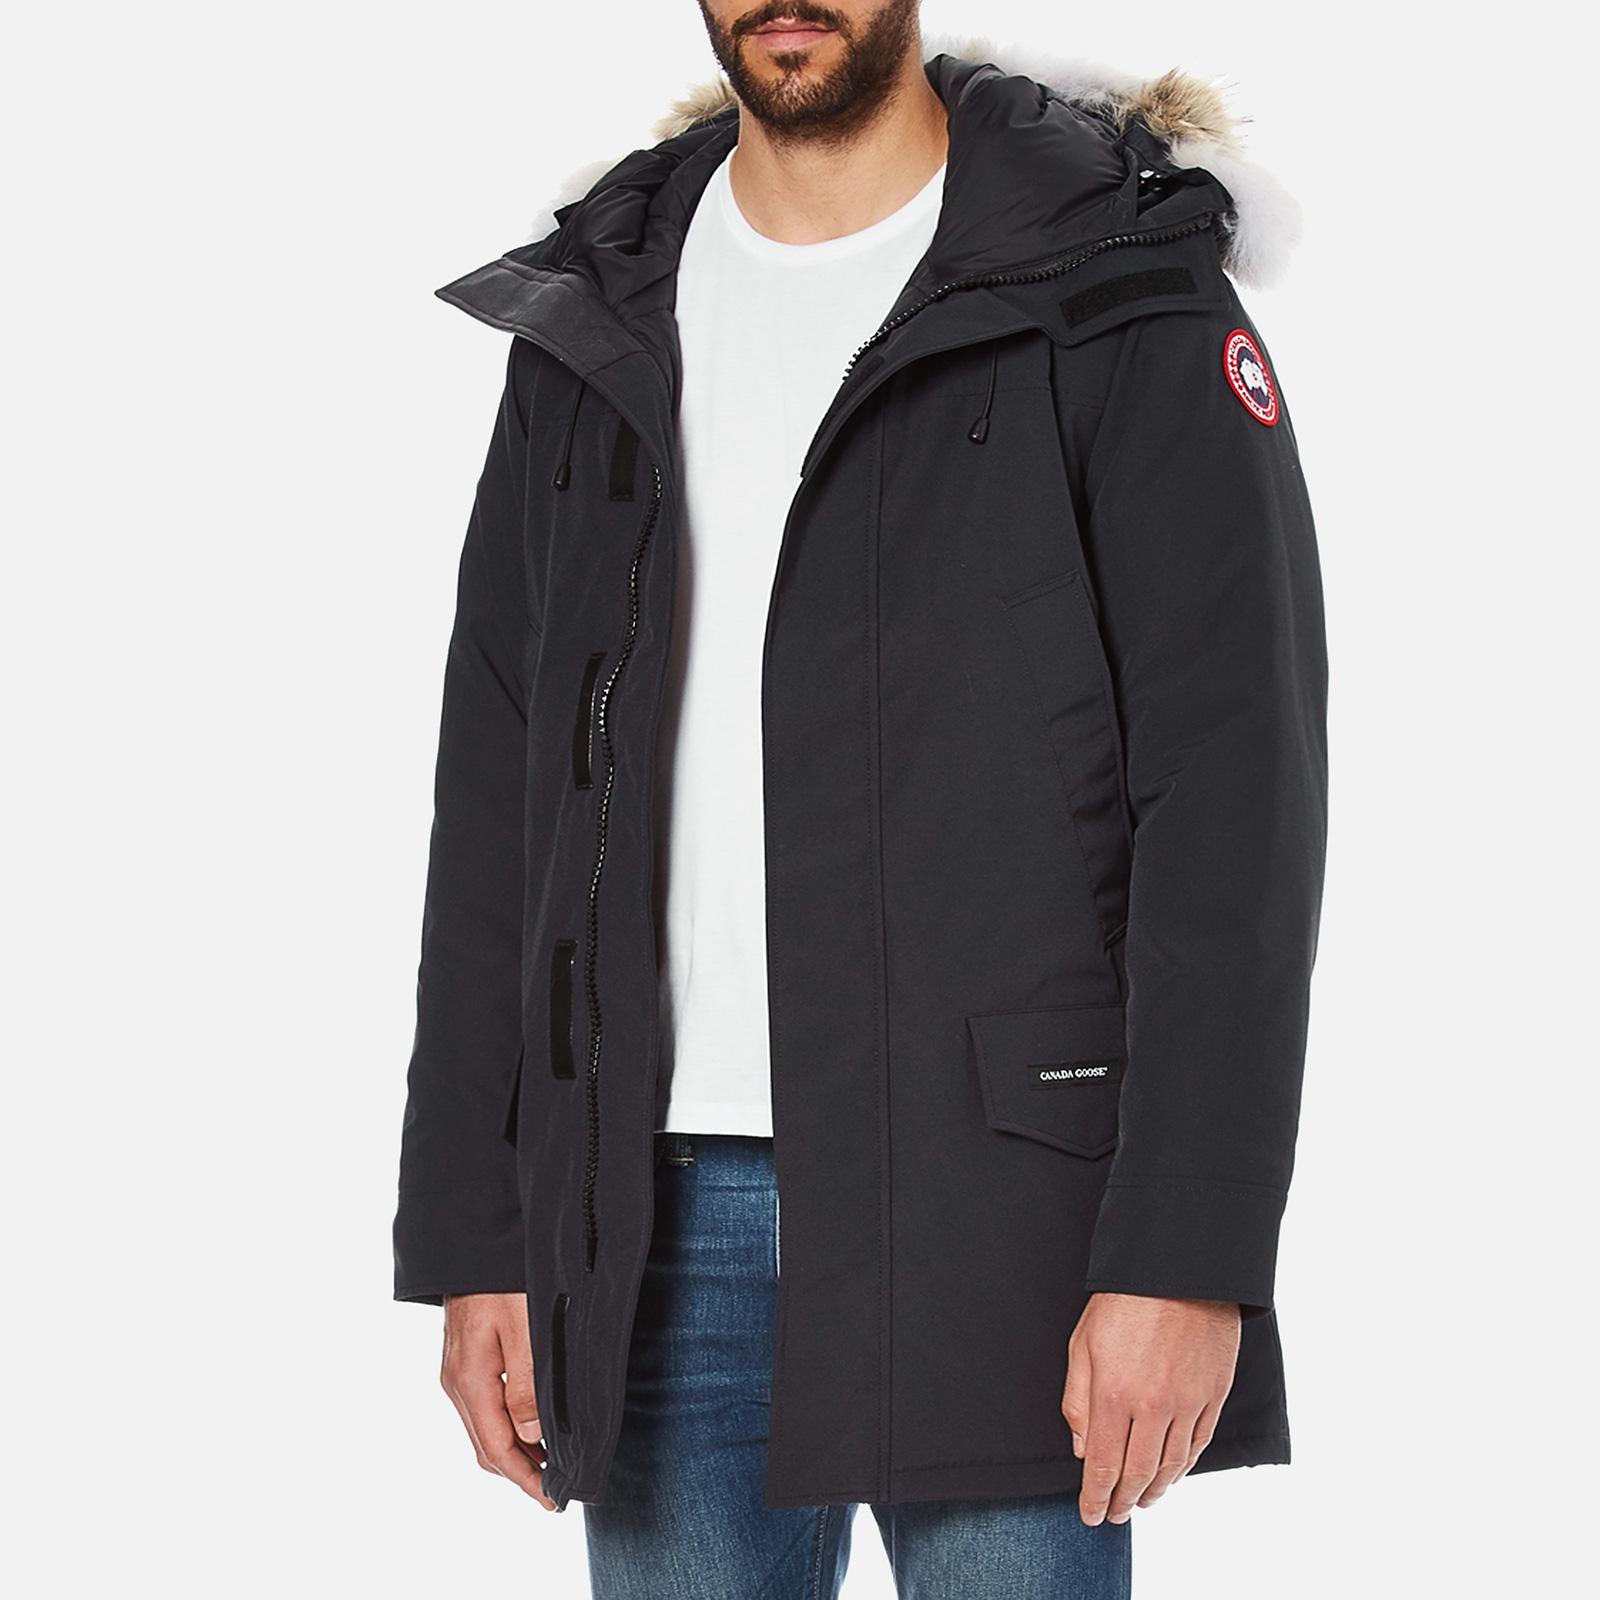 CANADA GOOSE 加拿大鹅 Langford 男式派克大衣羽绒服 优惠码折后¥6157包邮 2色可选